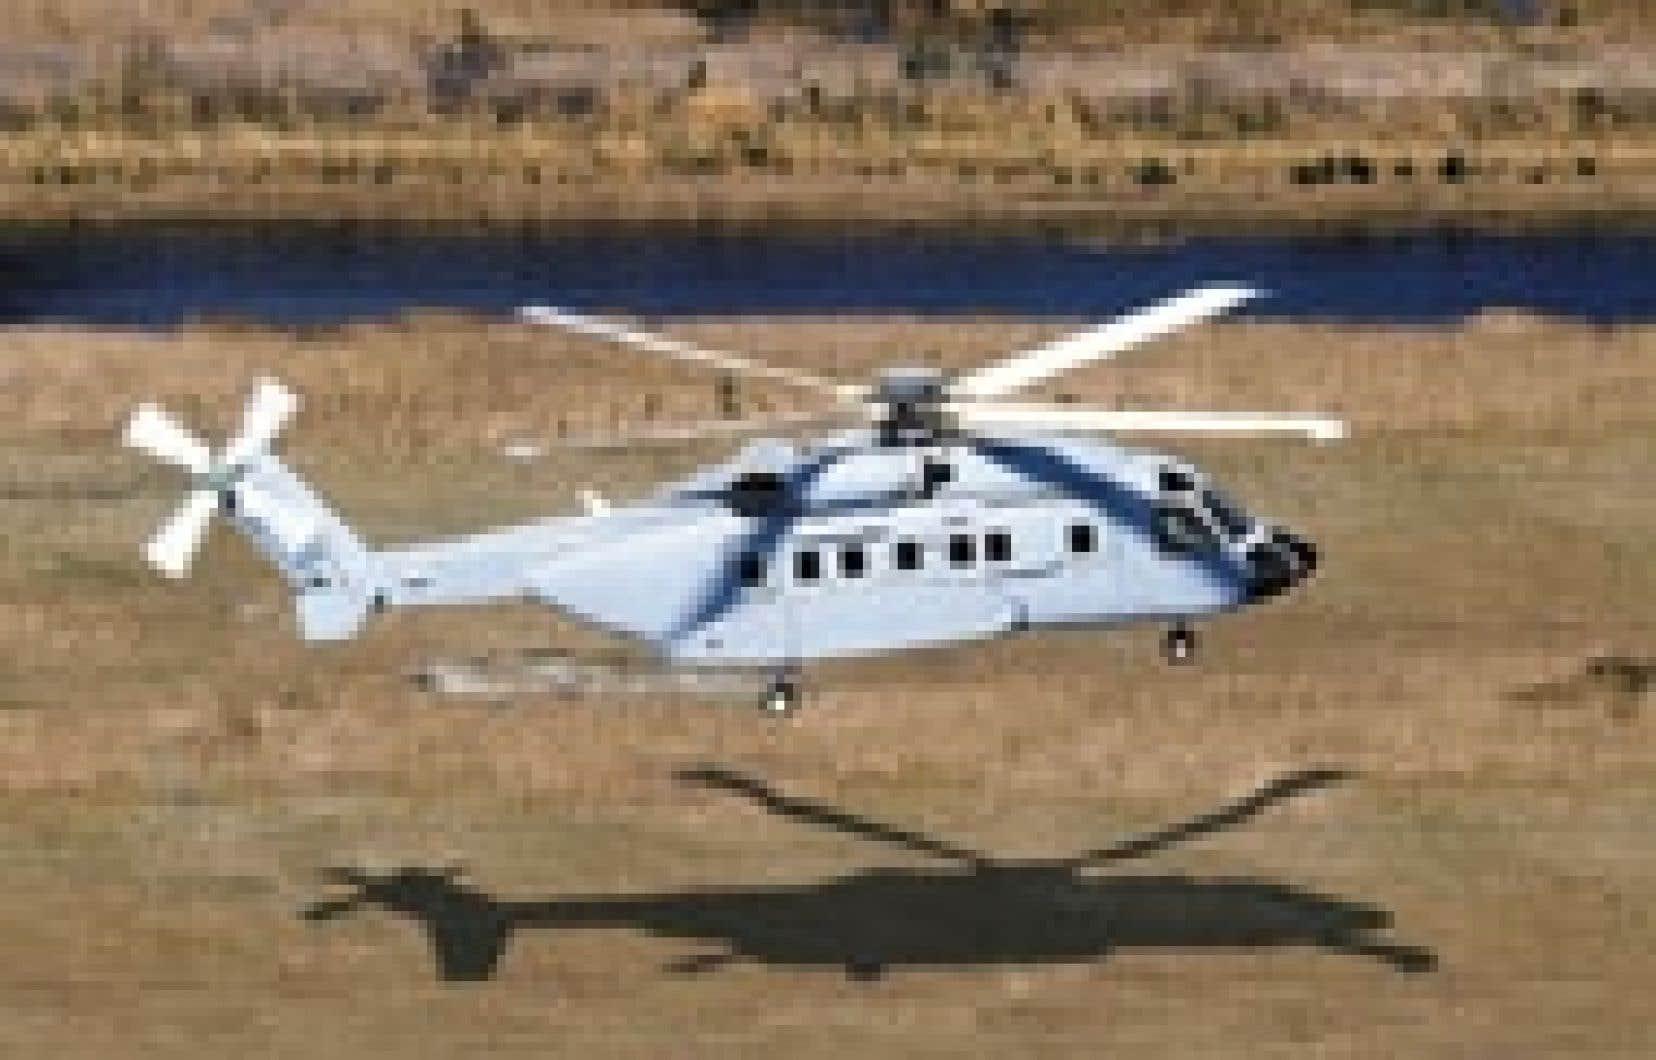 Le bimoteur S-92, fabriqué par l'entreprise américaine Sikorsky, a été présenté comme l'option la moins coûteuse lorsque comparé à son principal rival, le EH-101 Cormoran.